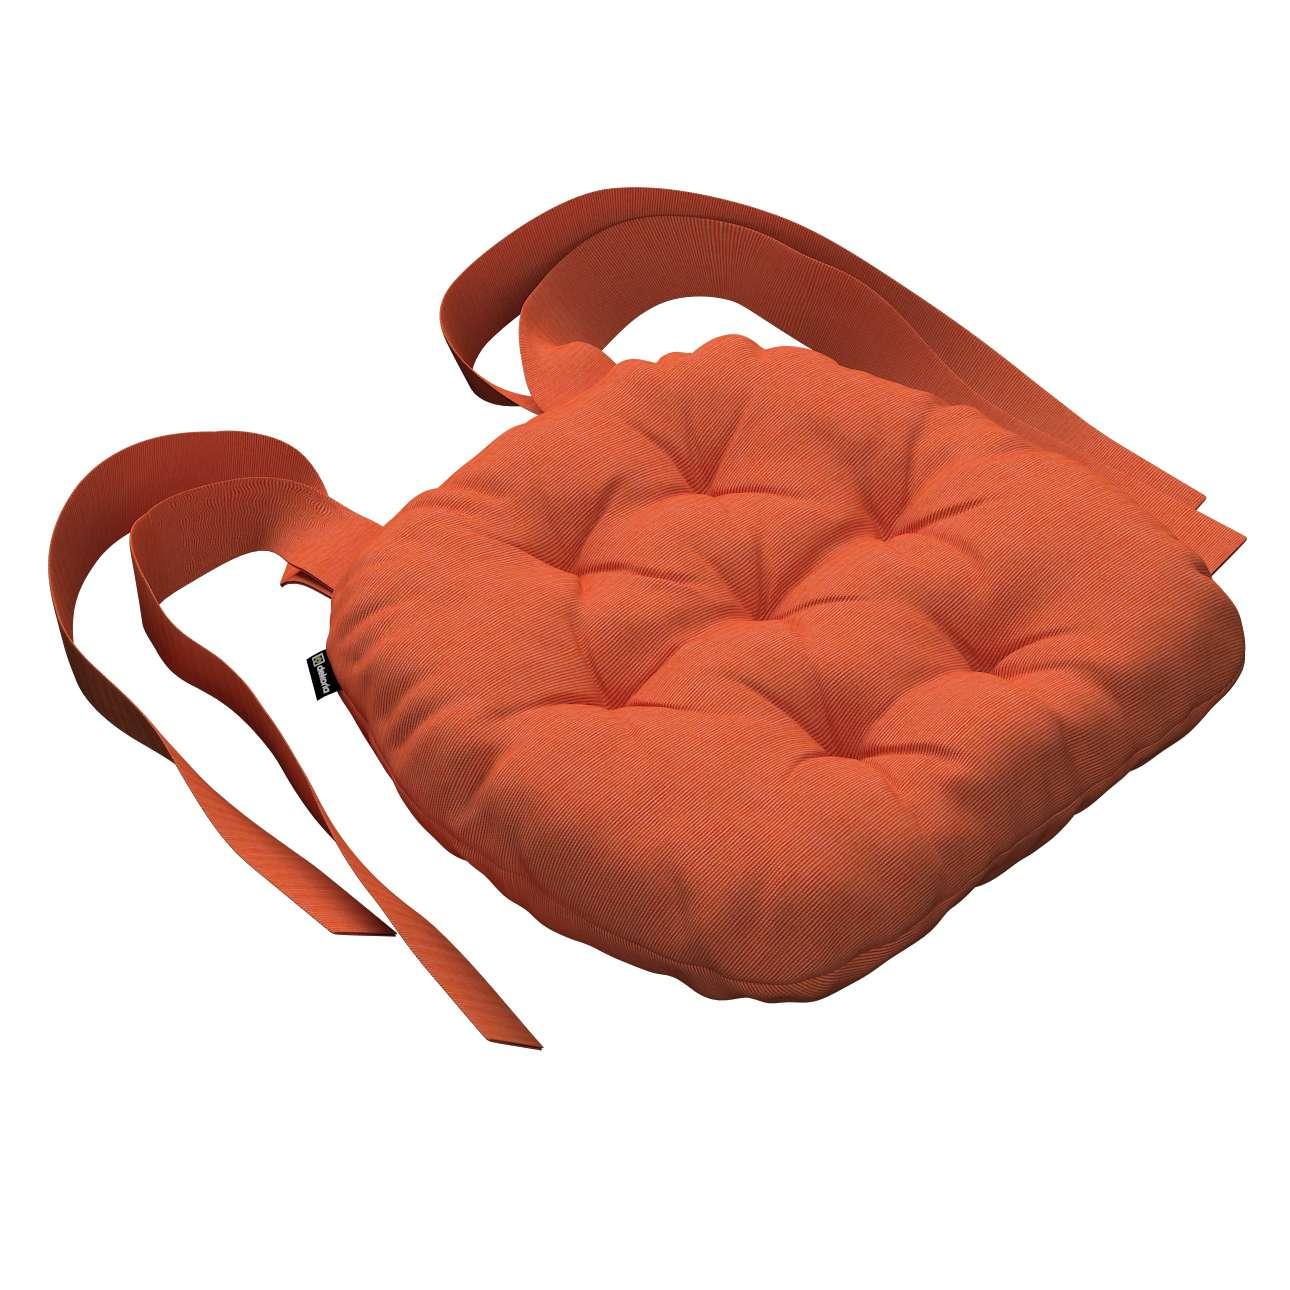 Siedzisko Marcin na krzesło 40x37x8cm w kolekcji Jupiter, tkanina: 127-35